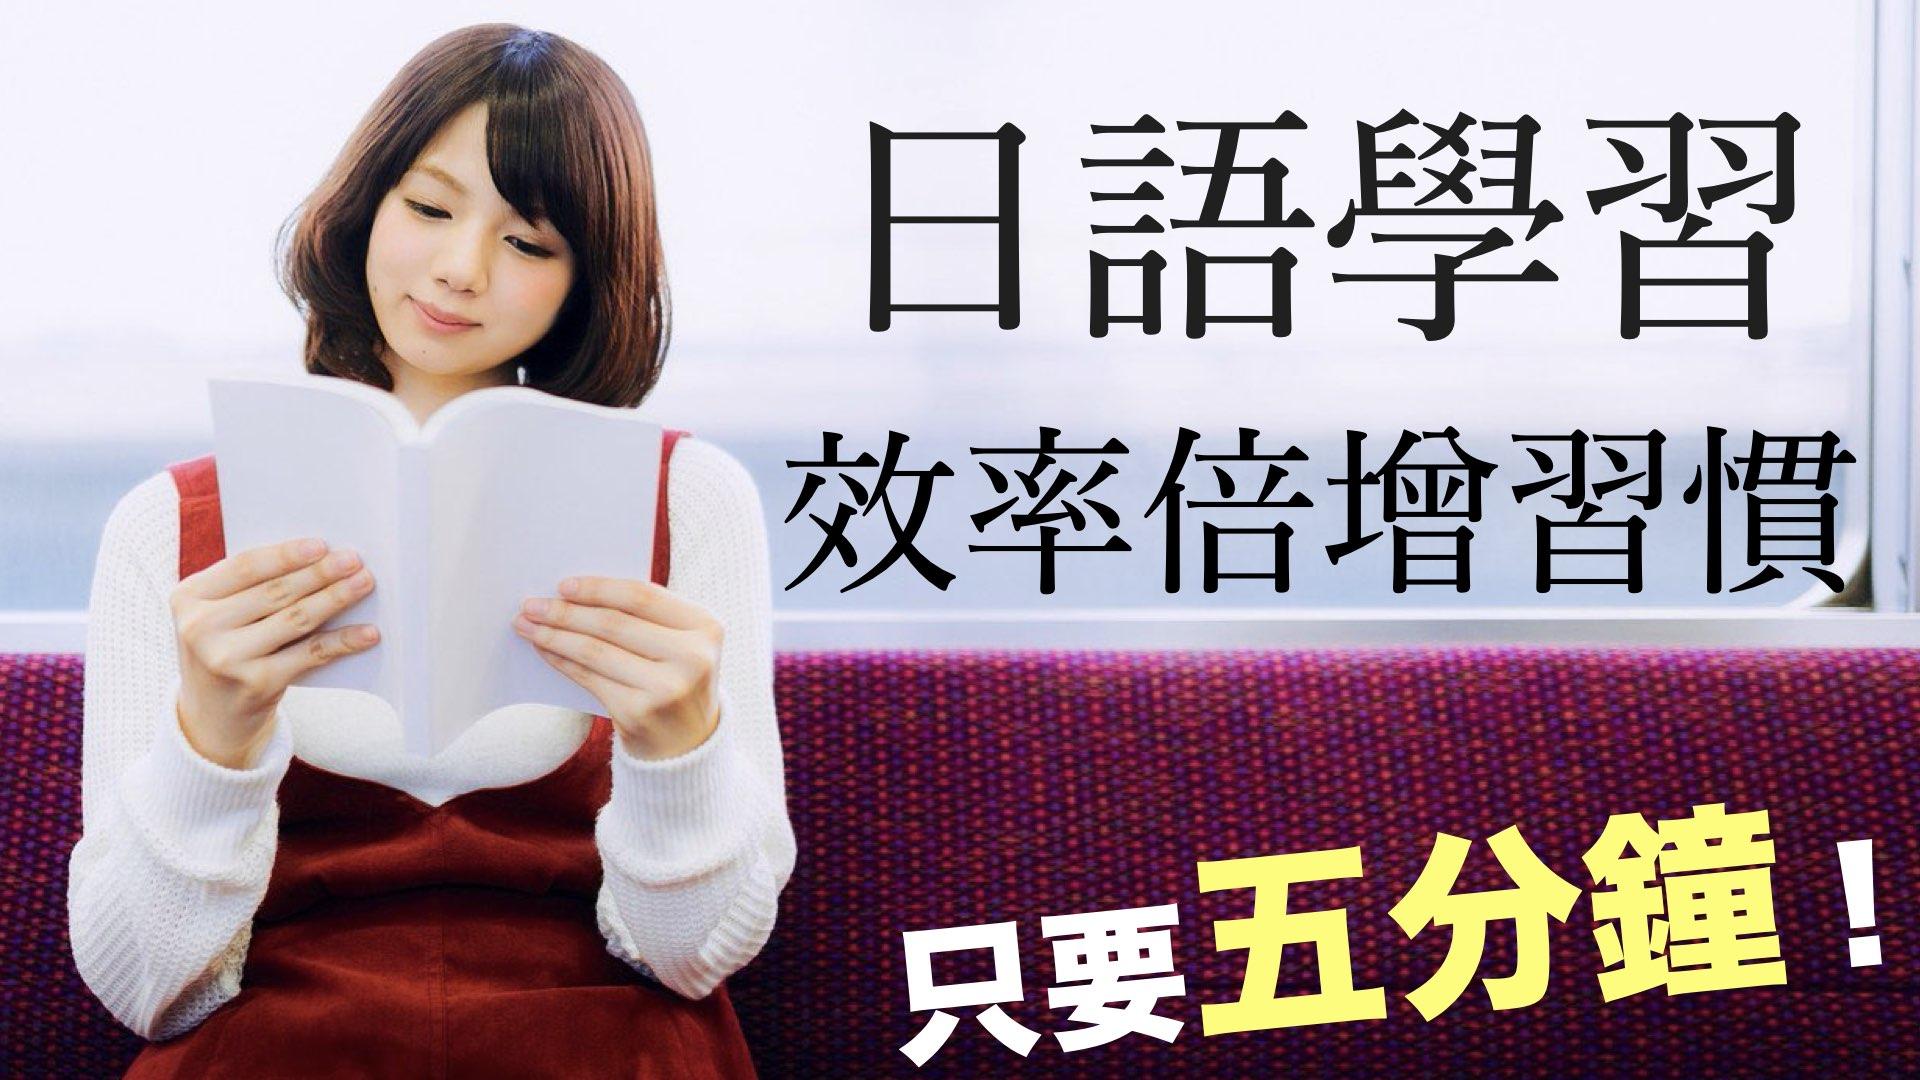 只要五分鐘!日語學習效率倍增習慣/5分間で出来る!日本語学習効率倍増習慣